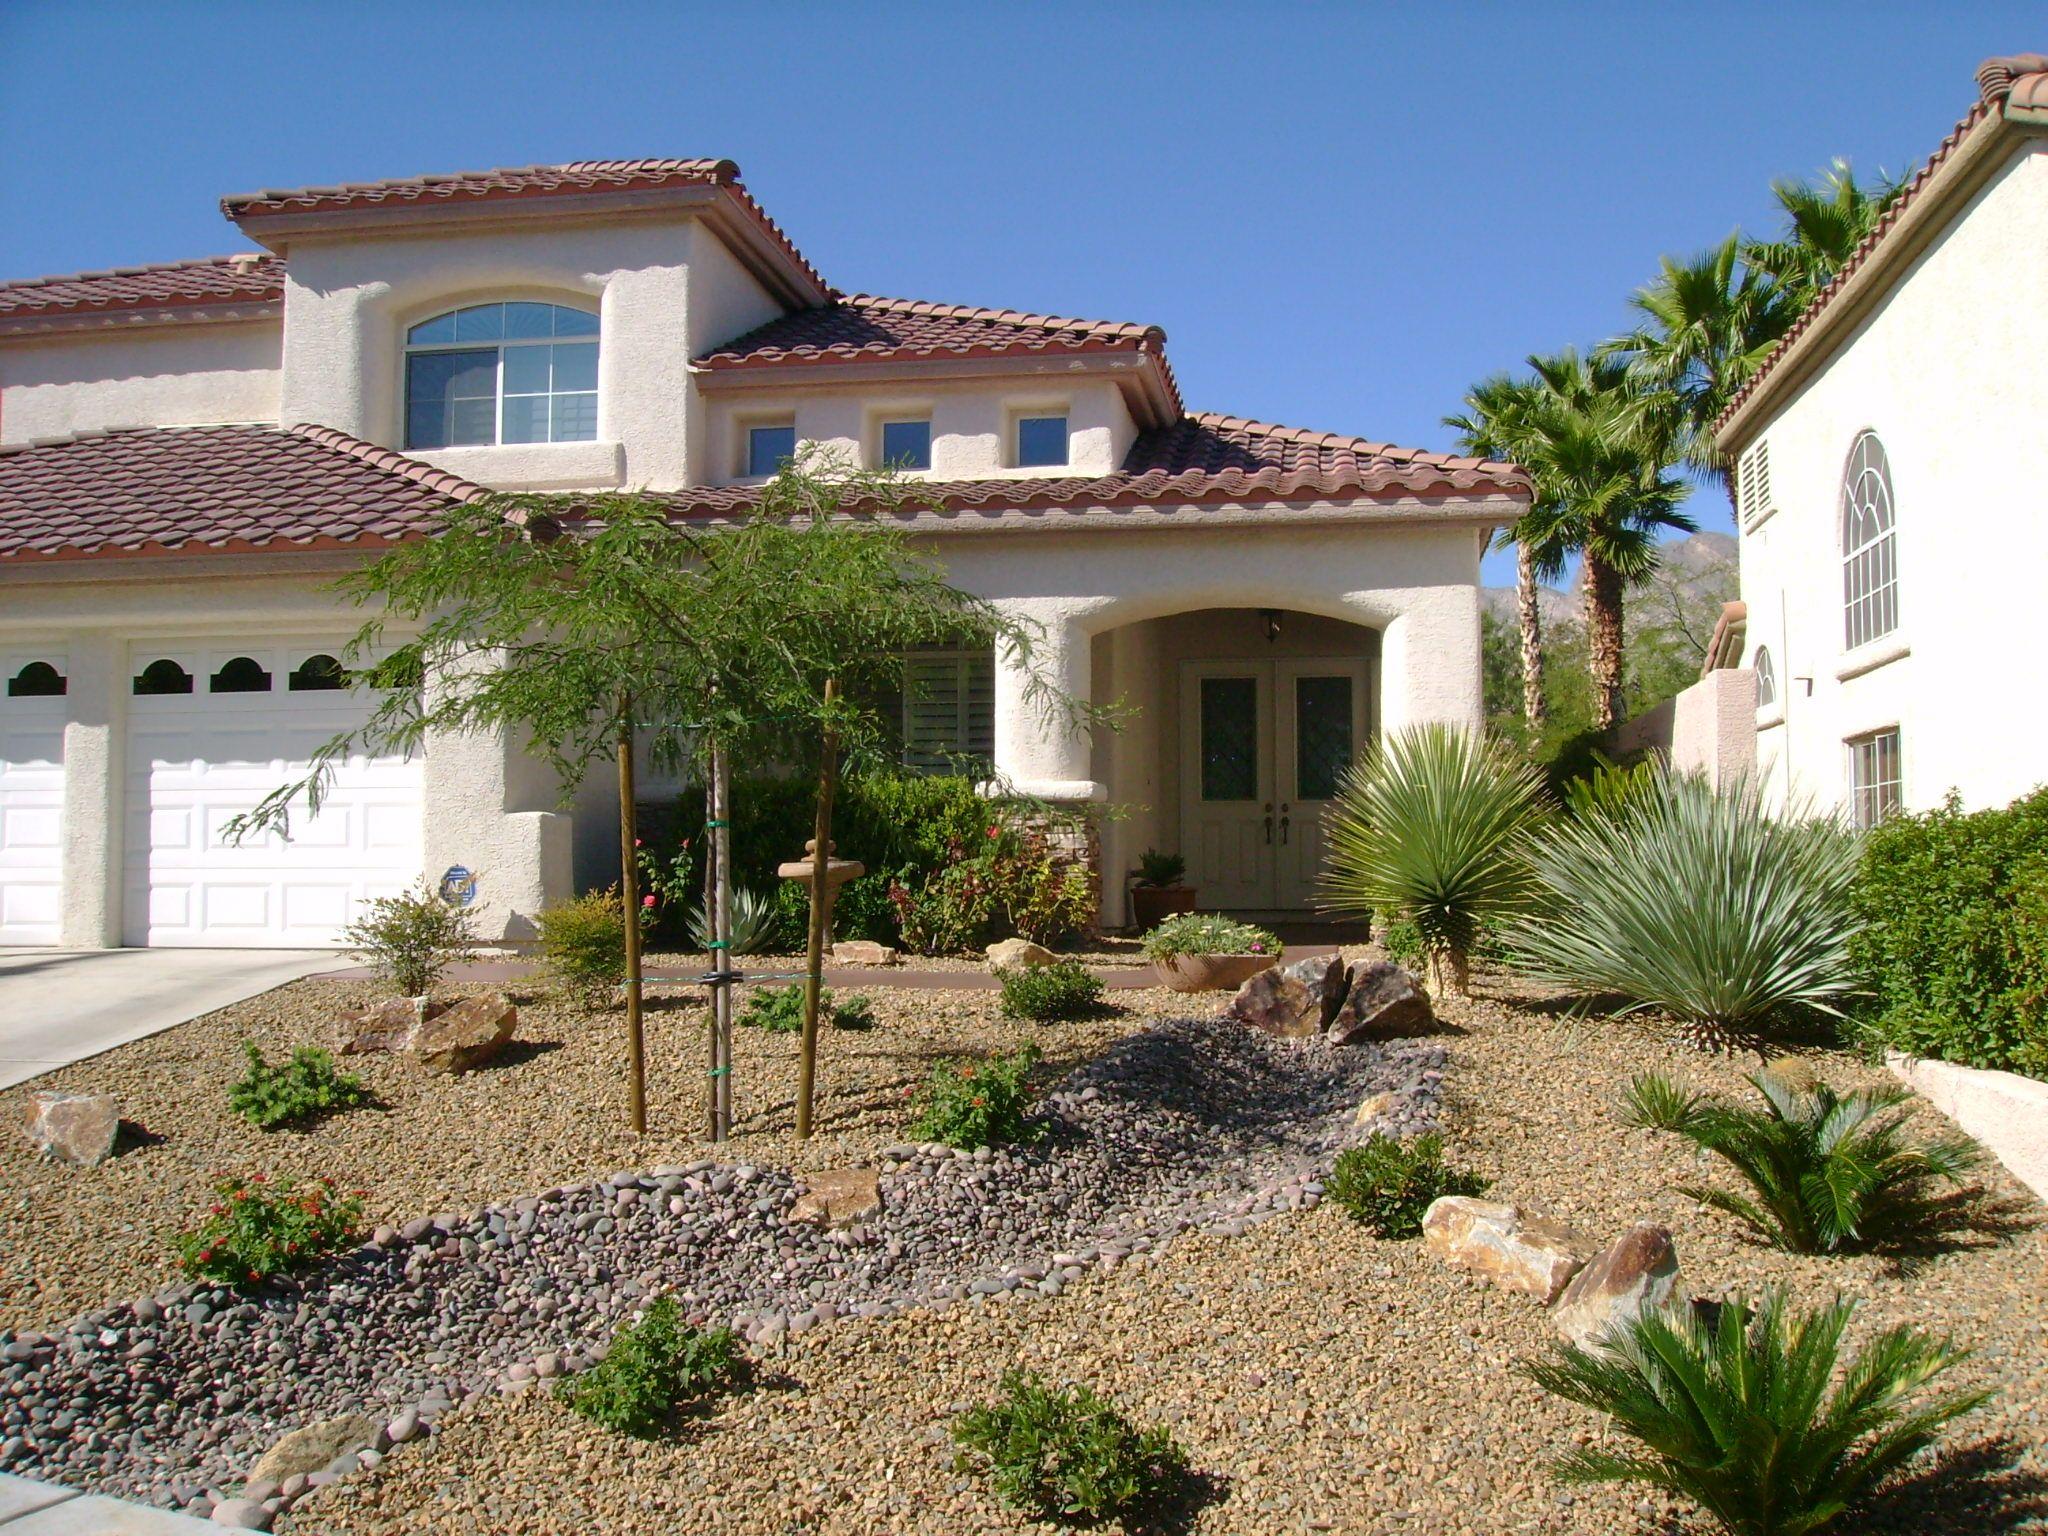 How To Make Desert Landscape Design Landscape Designs For Your Home Desert Landscaping Backyard Desert Landscape Design High Desert Landscaping